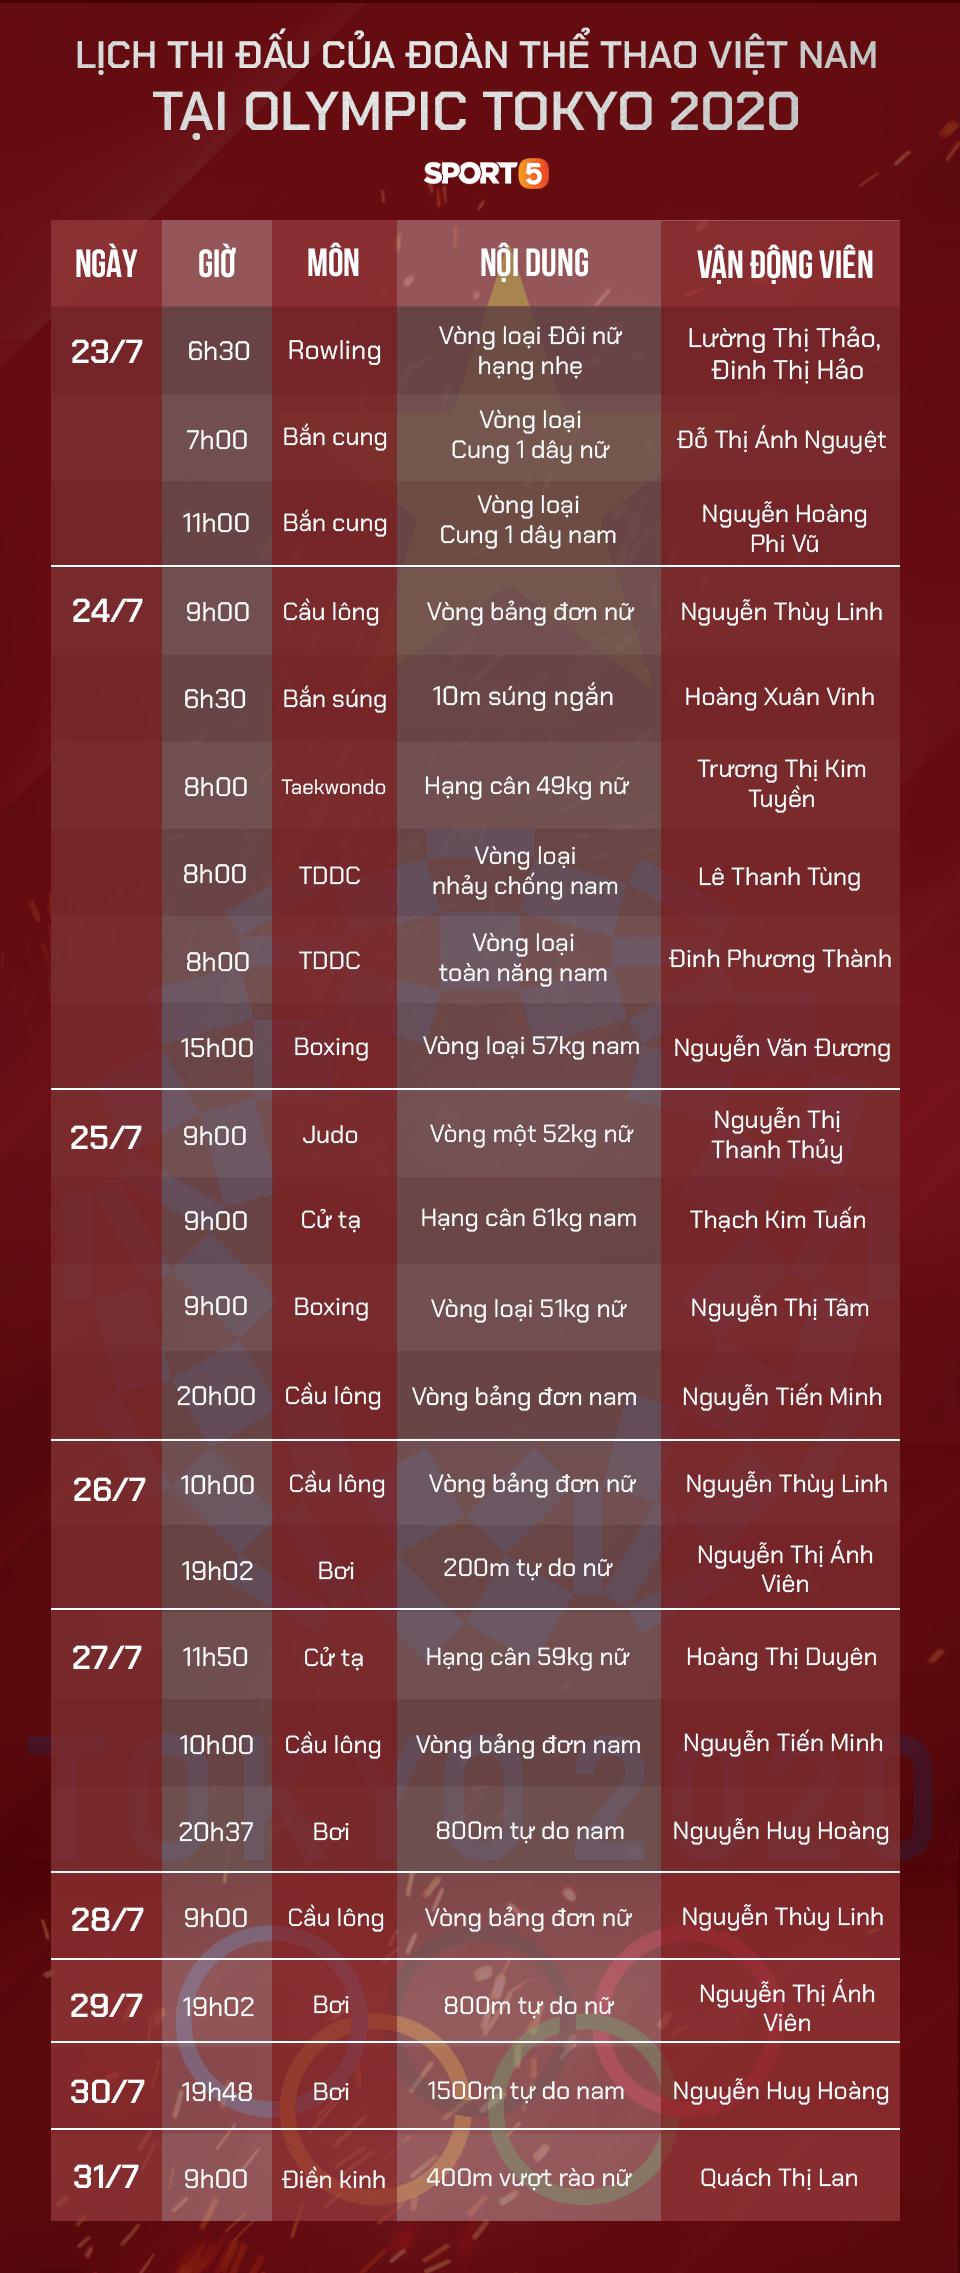 Hai vận động viên vinh dự cầm cờ đoàn thể thao Việt Nam tại lễ khai mạc Olympic Tokyo 2020 - Ảnh 3.